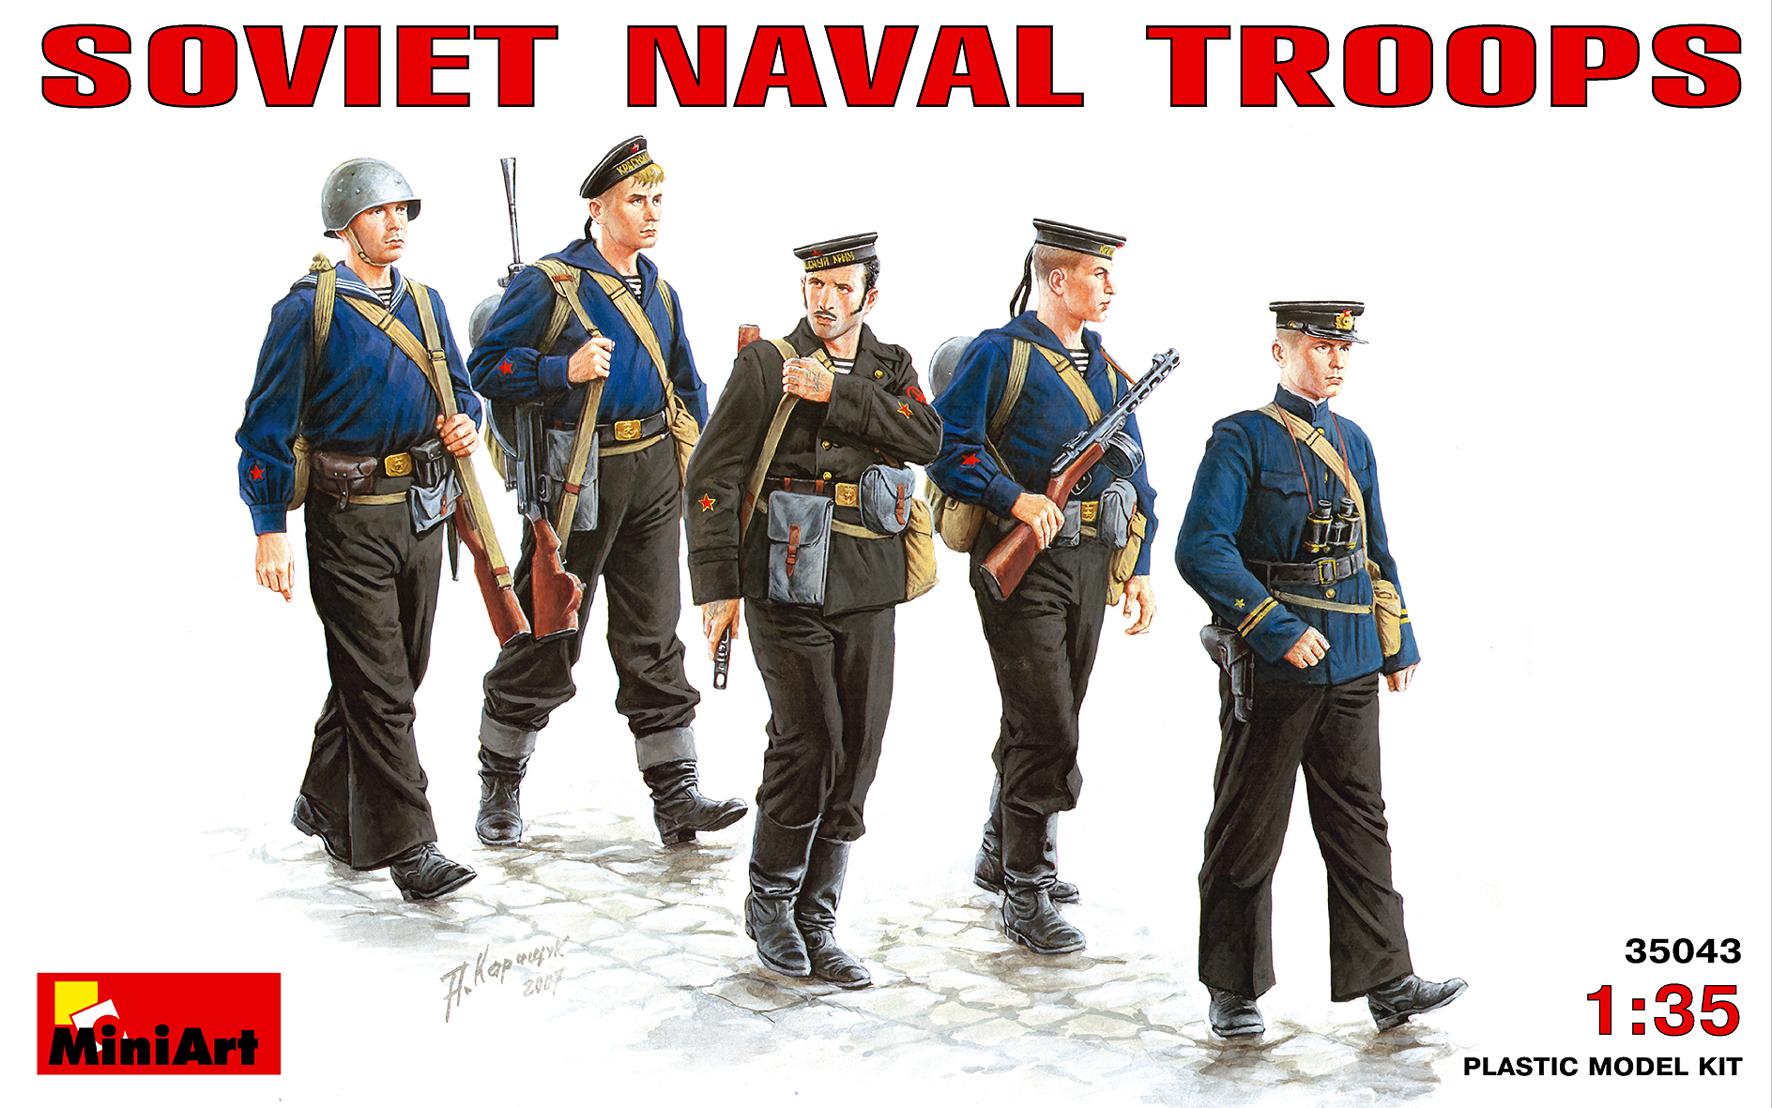 35043 SOVIET NAVAL TROOPS